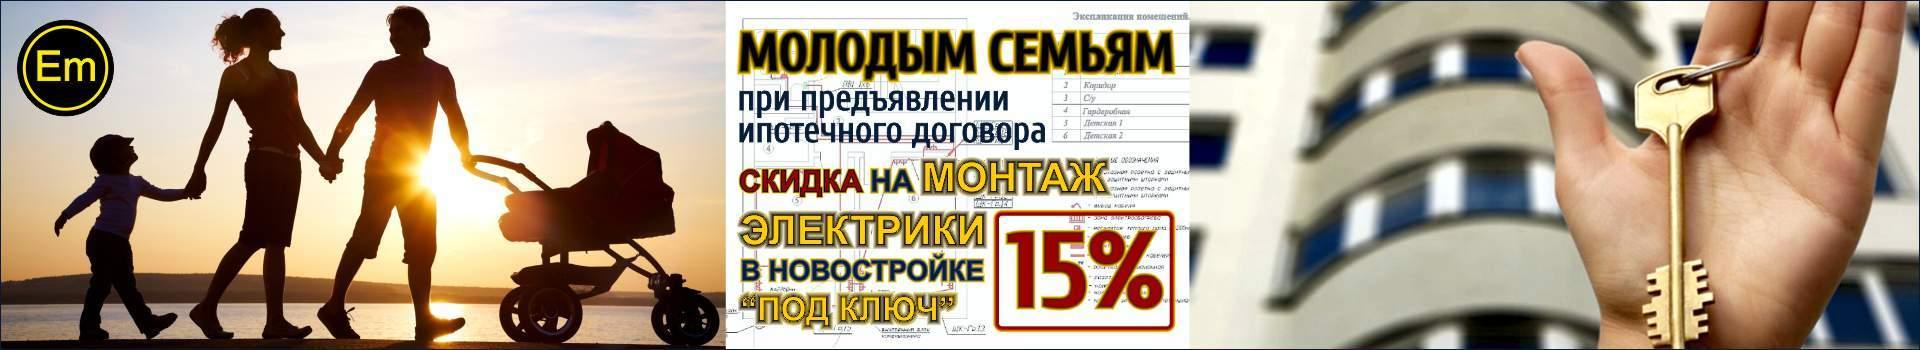 Электрика в Новостройках